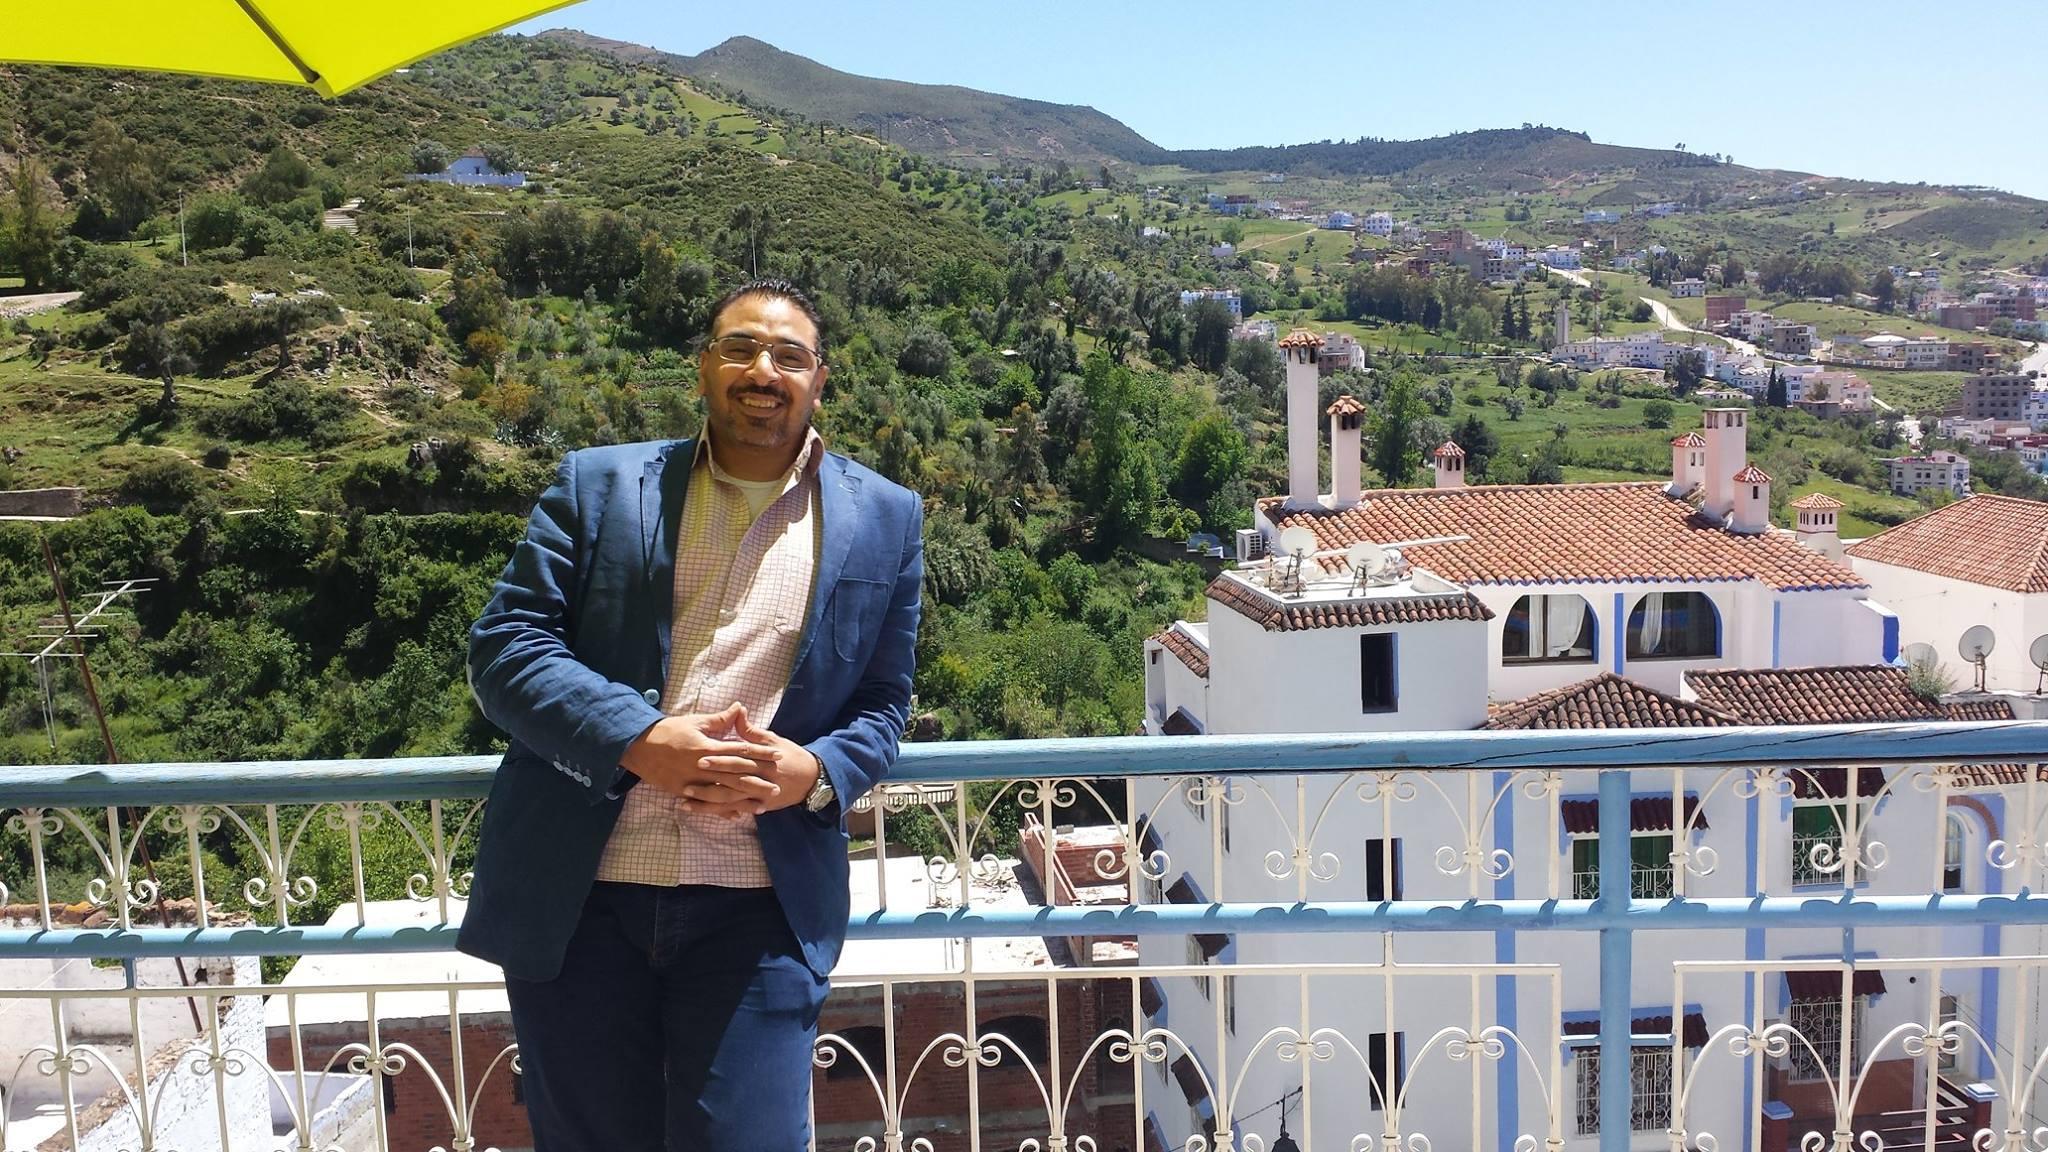 الصحفي المصري مصطفى الكيلاني : أماني الخياط ليست لها أي قيمة و غير مؤثرة في مصر